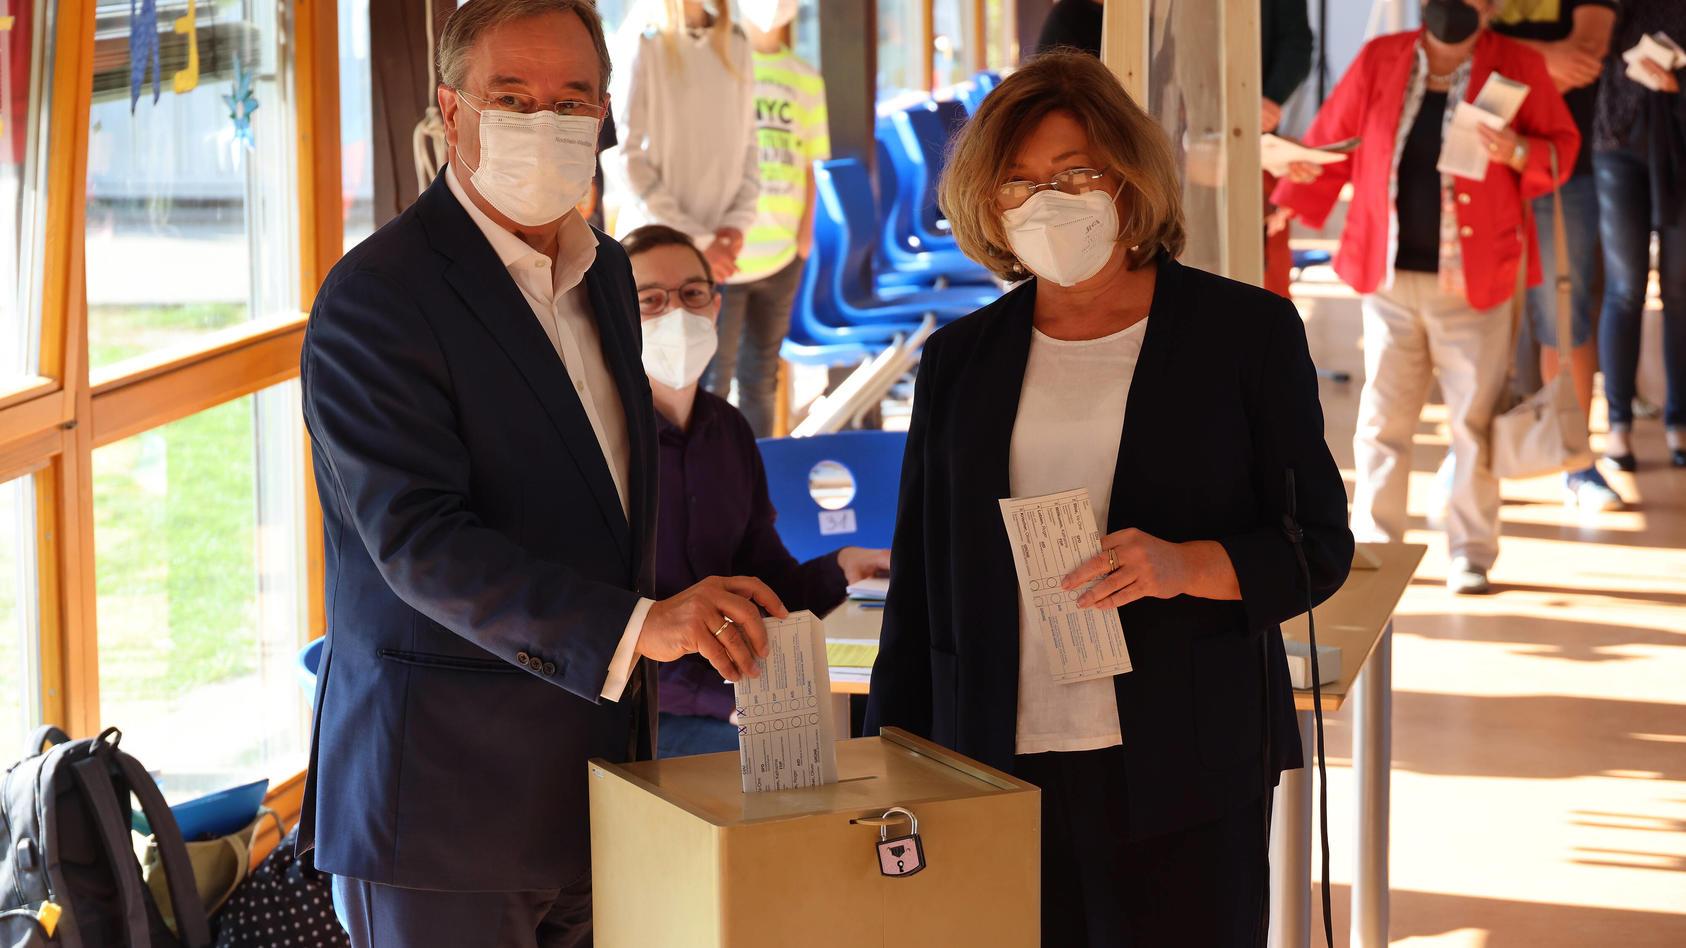 Armin Laschets Stimmabgabe sorgte für Wirbel, weil er seine Wahl offenbarte.